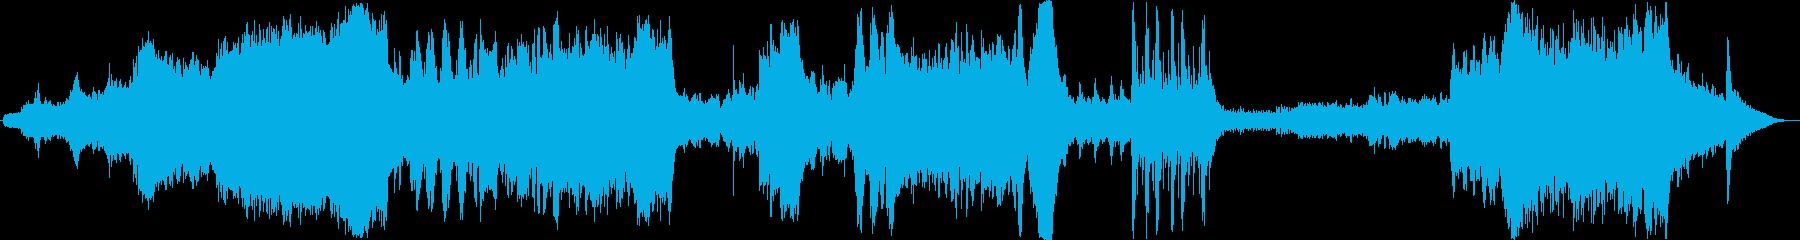 気球旅行記-海峡を越えて〜ドーバー海峡〜の再生済みの波形